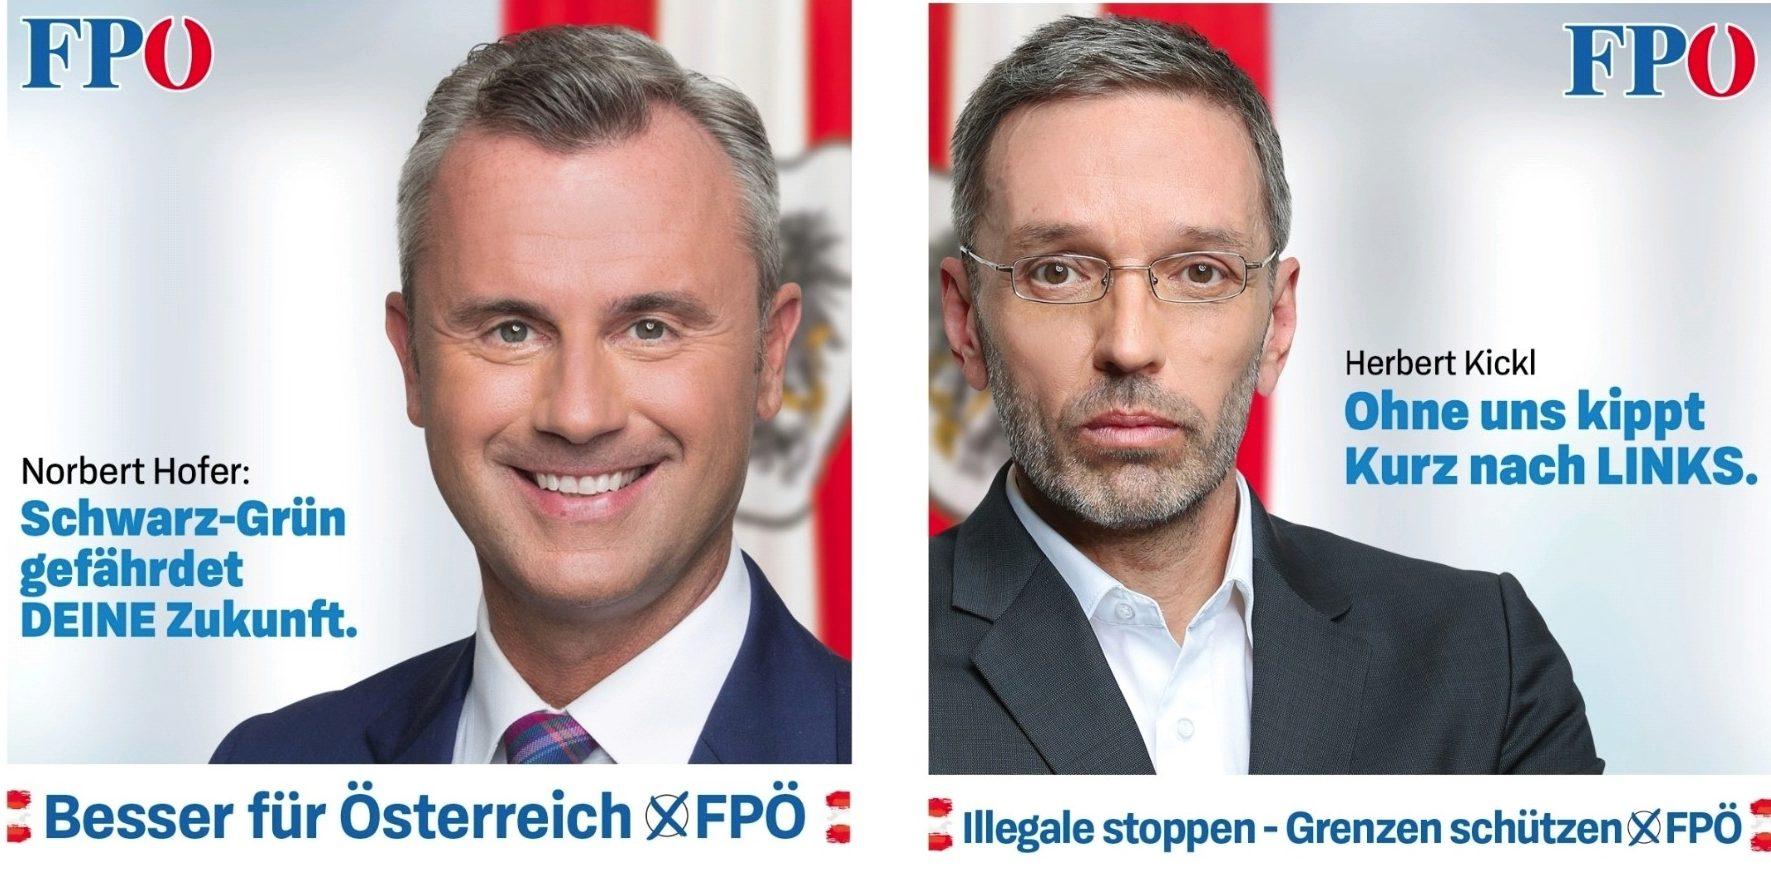 Wahlslogan 2019 der FPÖ: Besser fuer Oesterreich